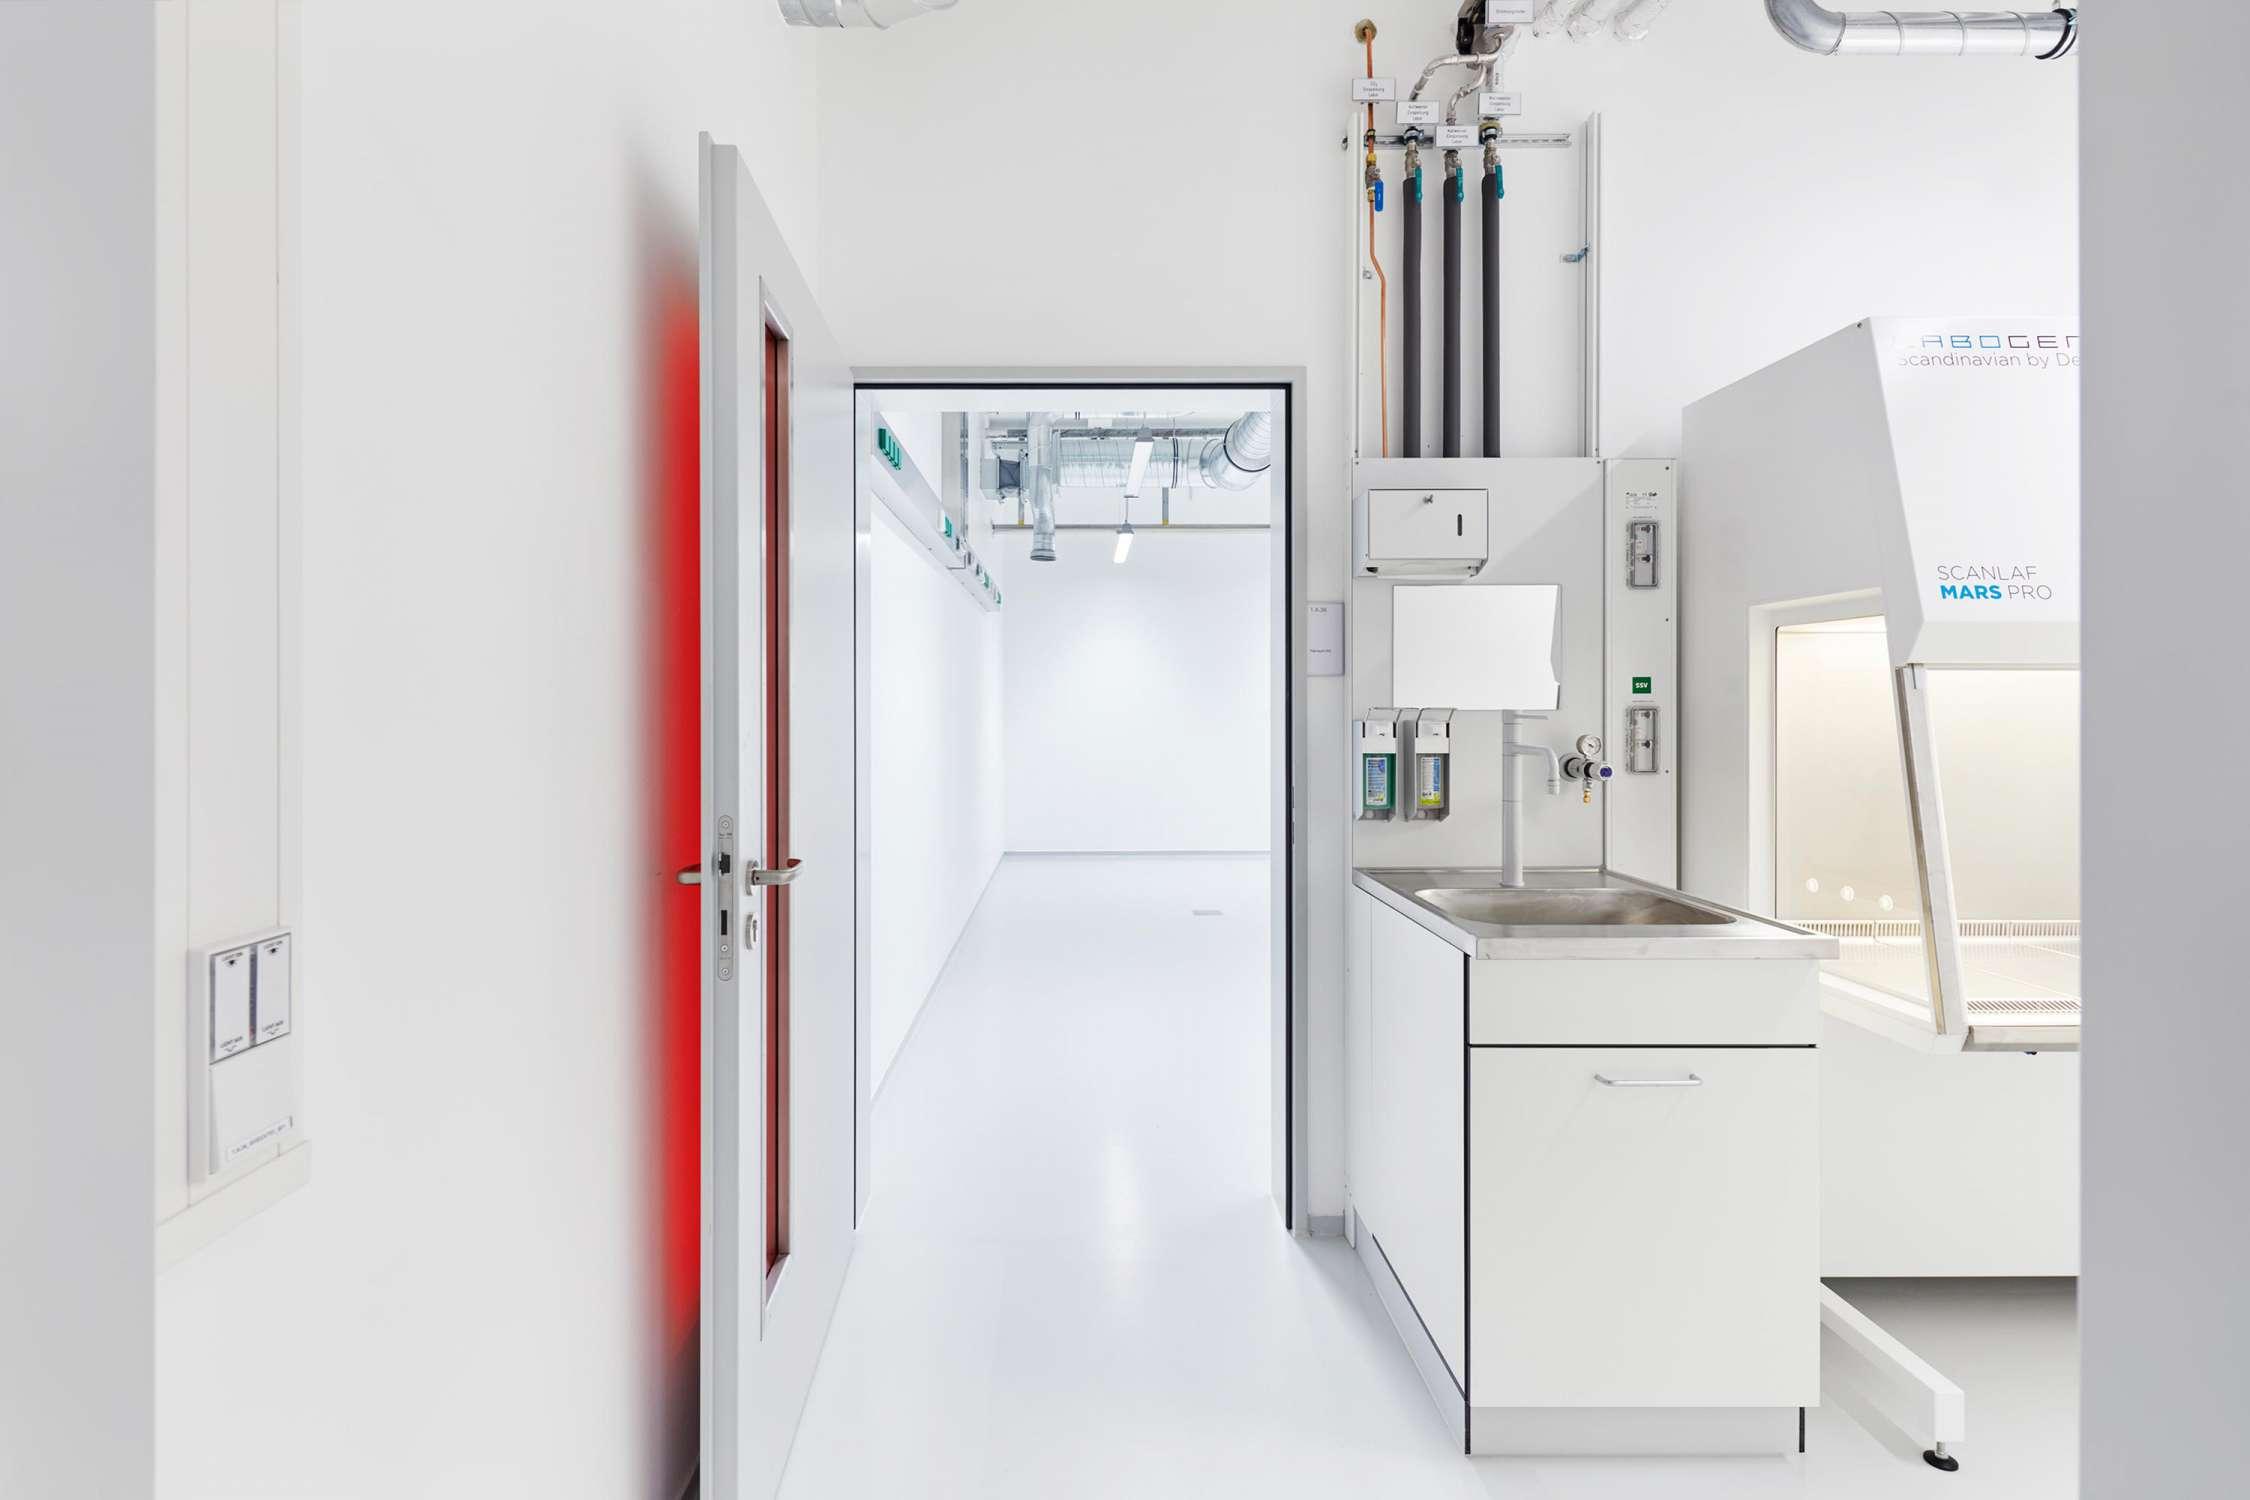 Laborflächen für die Mikrobiomforschung (8)